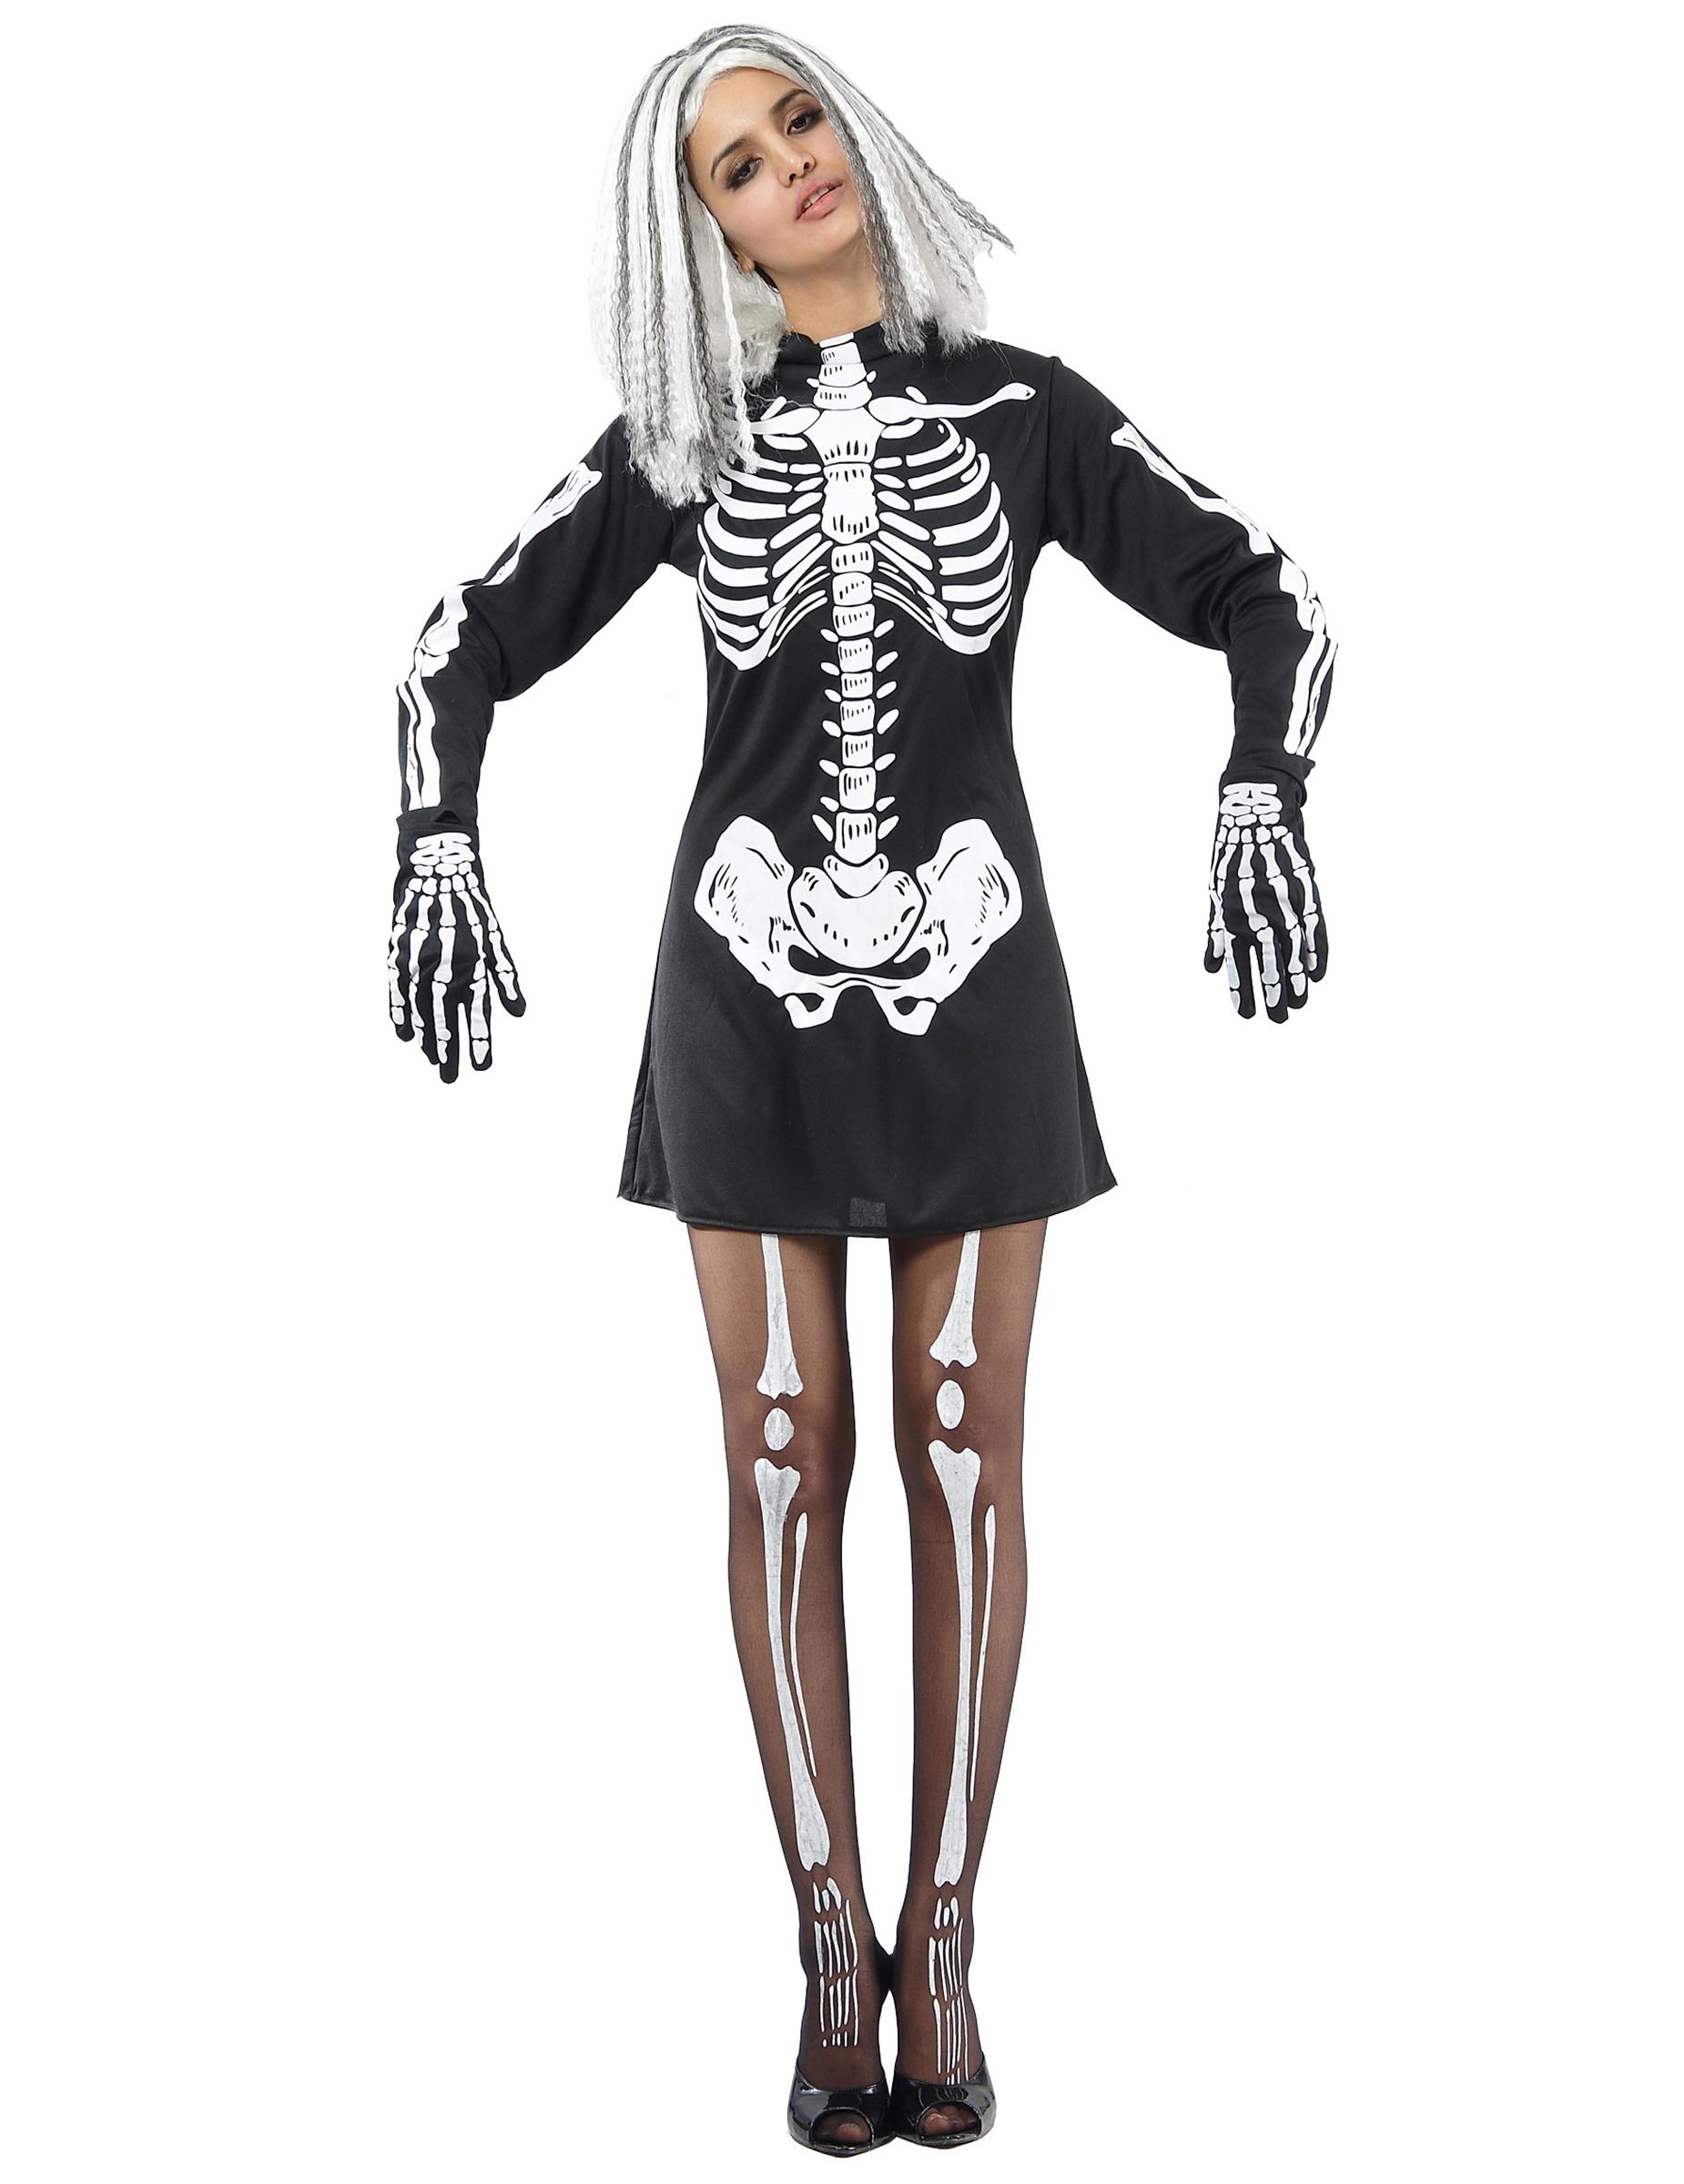 Halloween Kleding Dames.Halloween Skeletten Kostuum Voor Dames